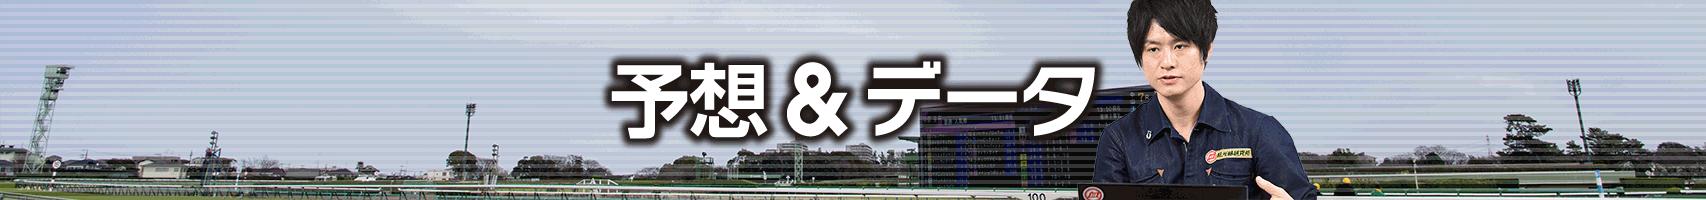 シリウスS/過去の好走馬4ライン小系統&3代内種牡馬